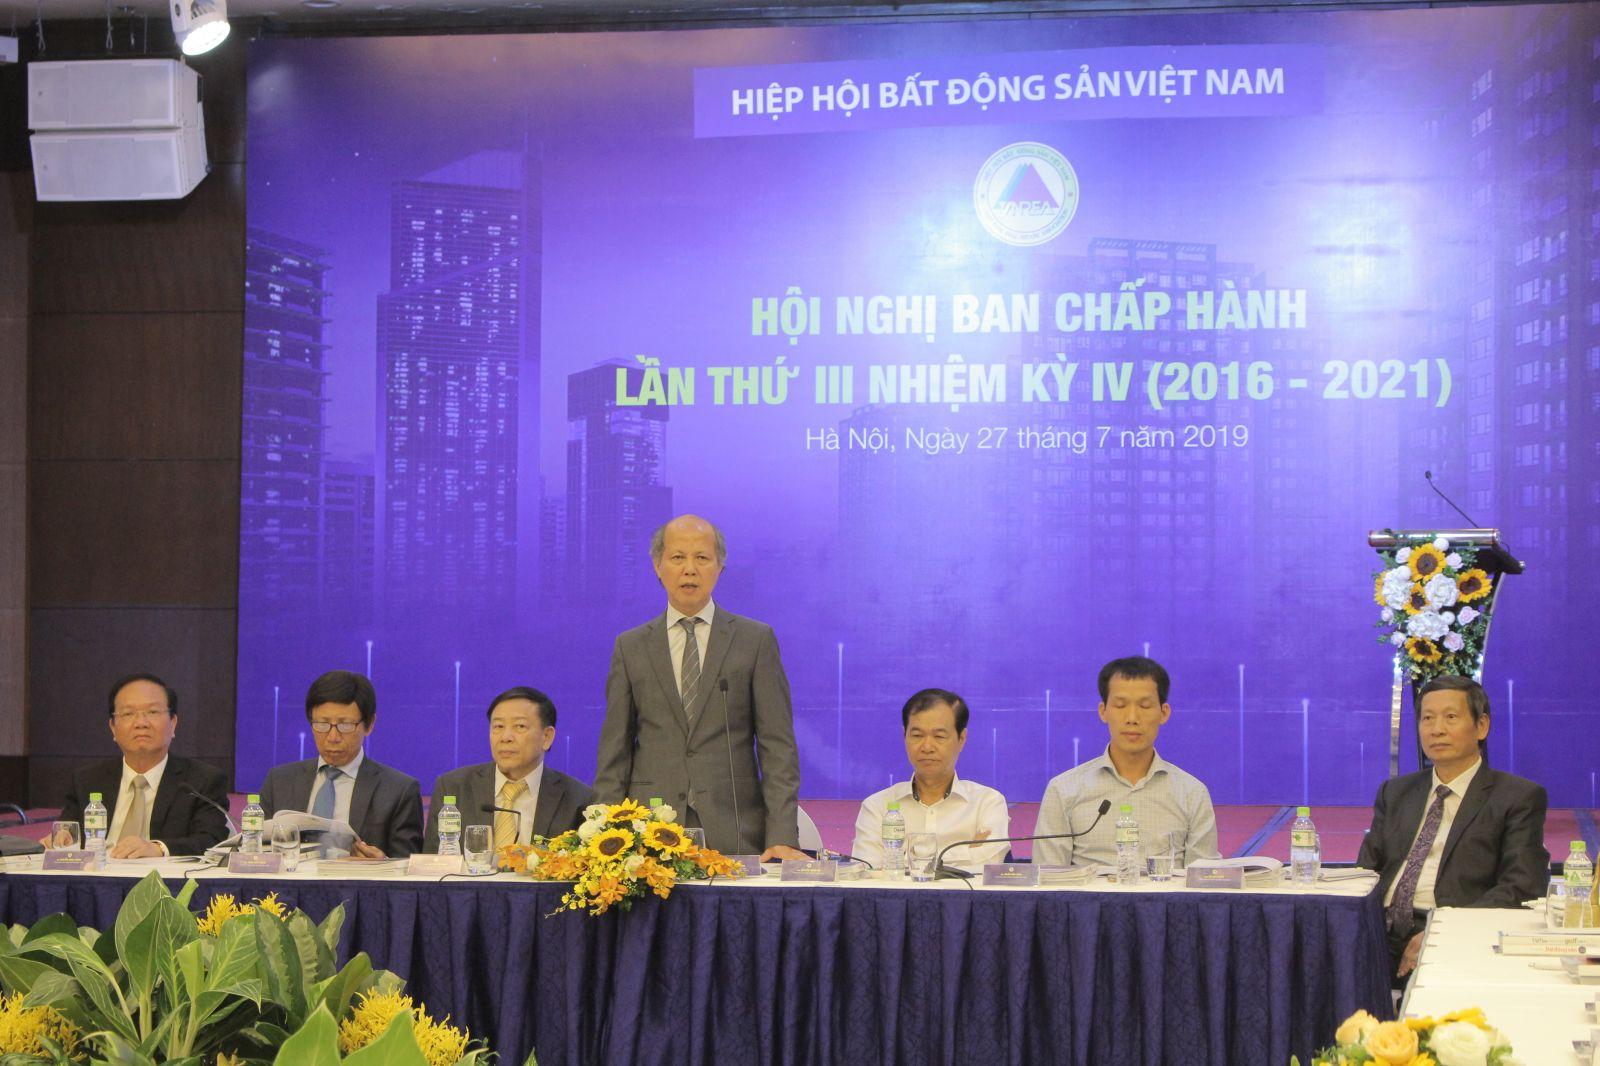 Ông Nguyễn Trần Nam - Chủ tịch Hiệp hội Bất động sản Việt Nam